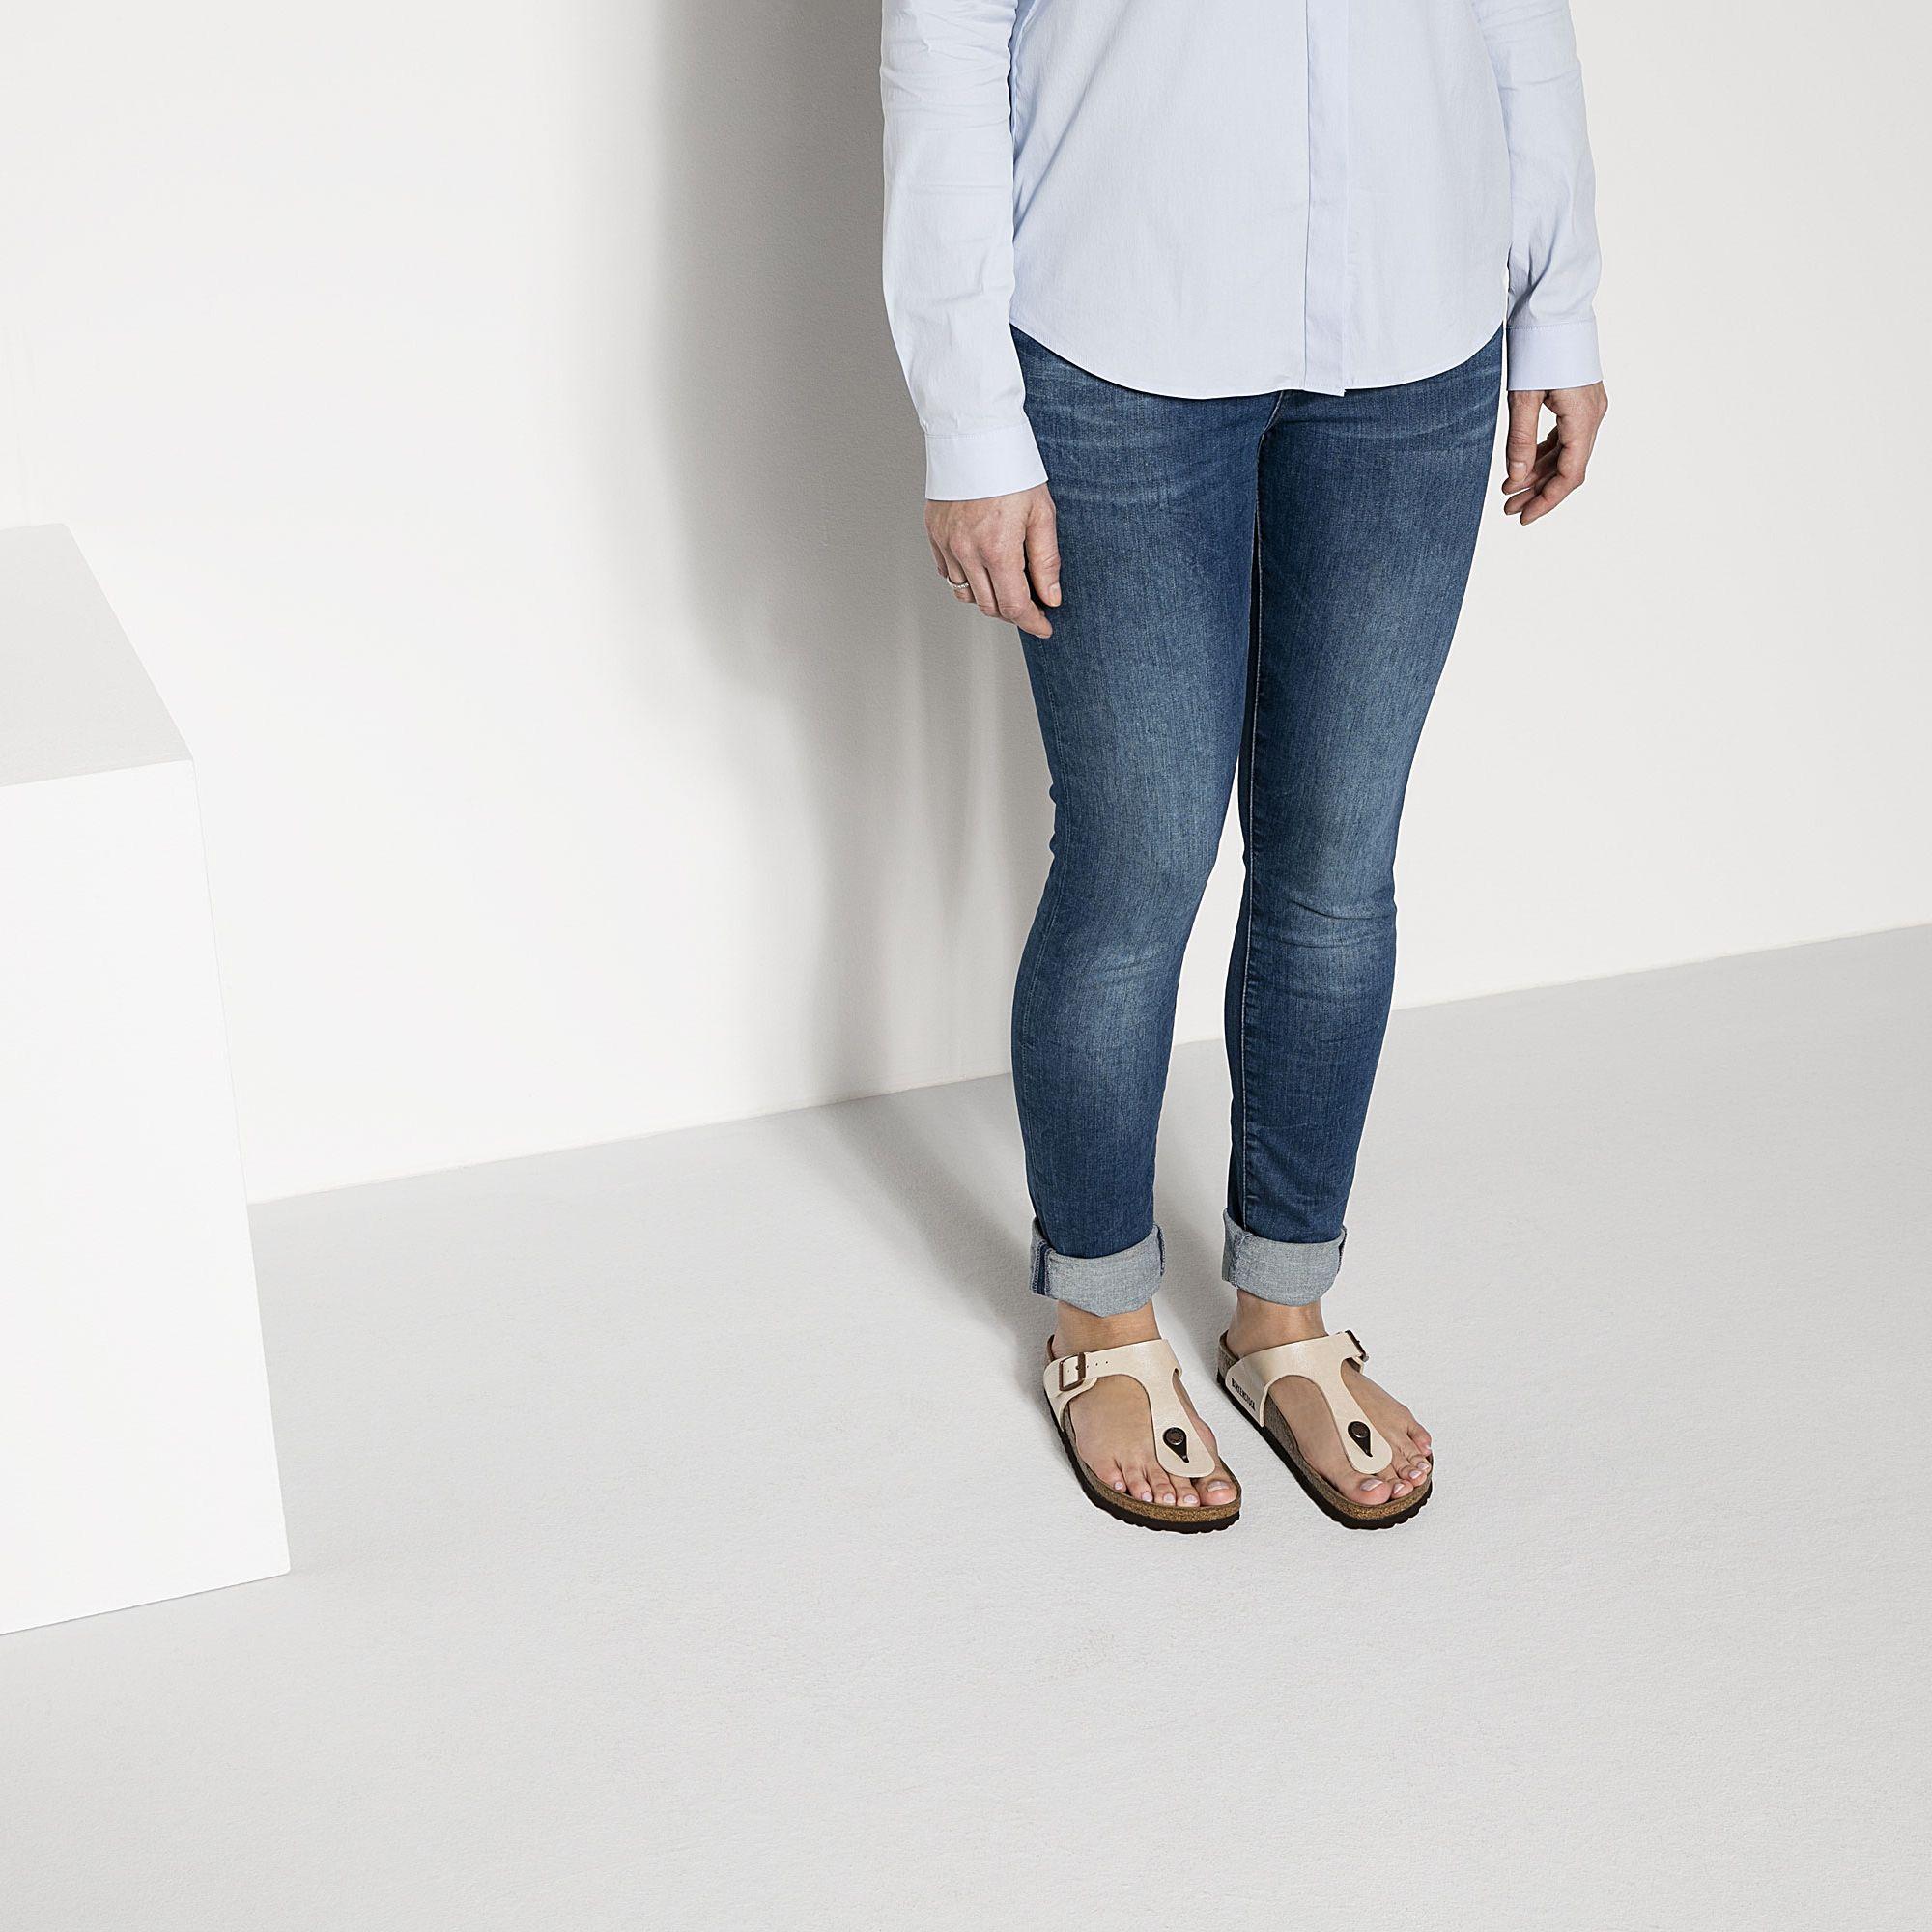 Gizeh Birko Flor Graceful Pearl White In 2020 Minimalist Fashion Birkenstock Skinny Jeans